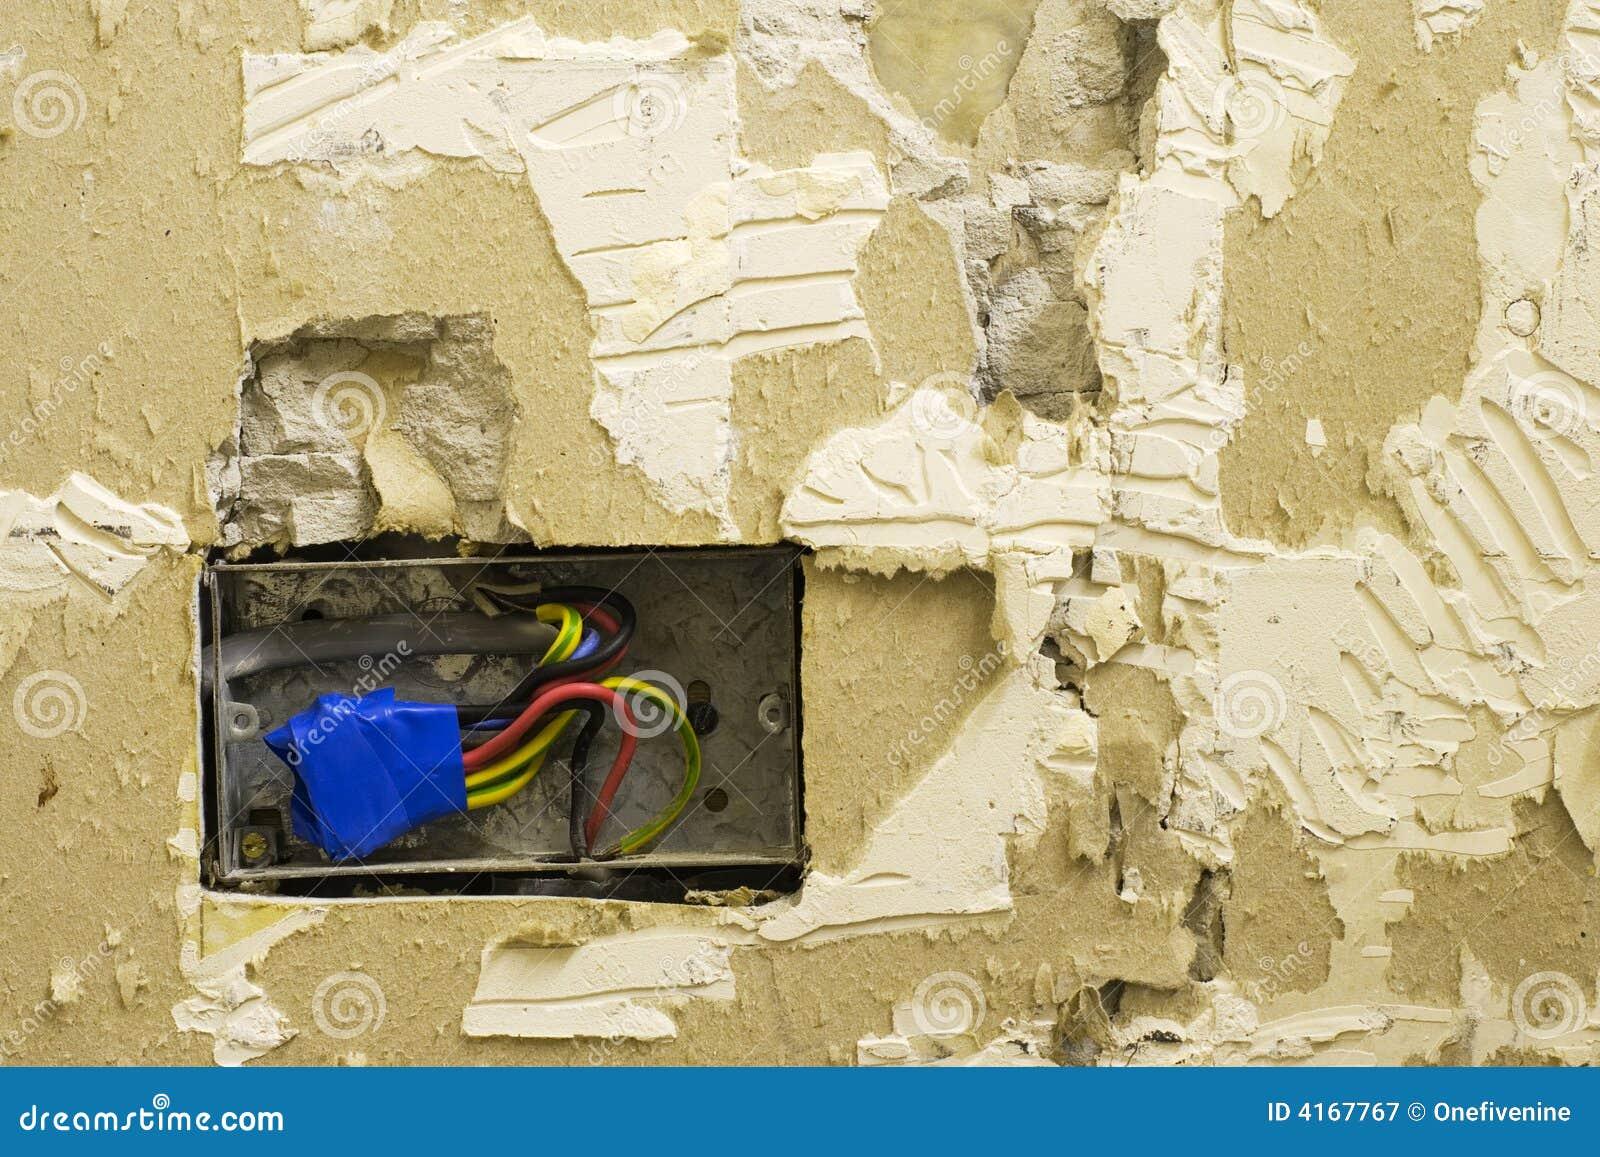 Diy Electrical Socket And Plasterwork Stock Image Of Live Wiring Behind Plaster Walls Exposed Broken Wall In Need Repair